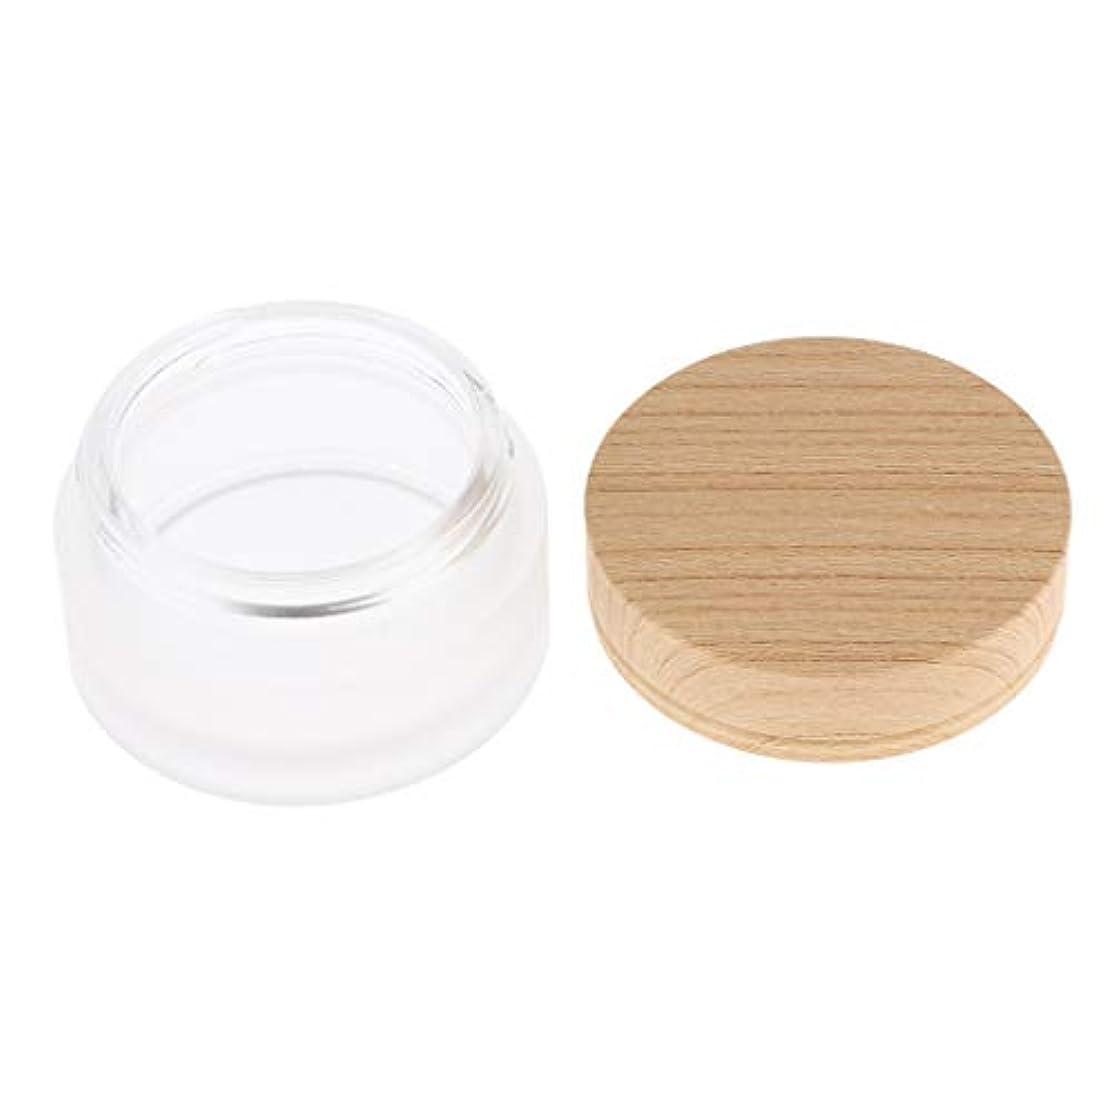 グラディス圧縮固体再利用可能なフェイスクリーム保湿剤化粧容器ポット化粧品瓶缶 - 30g